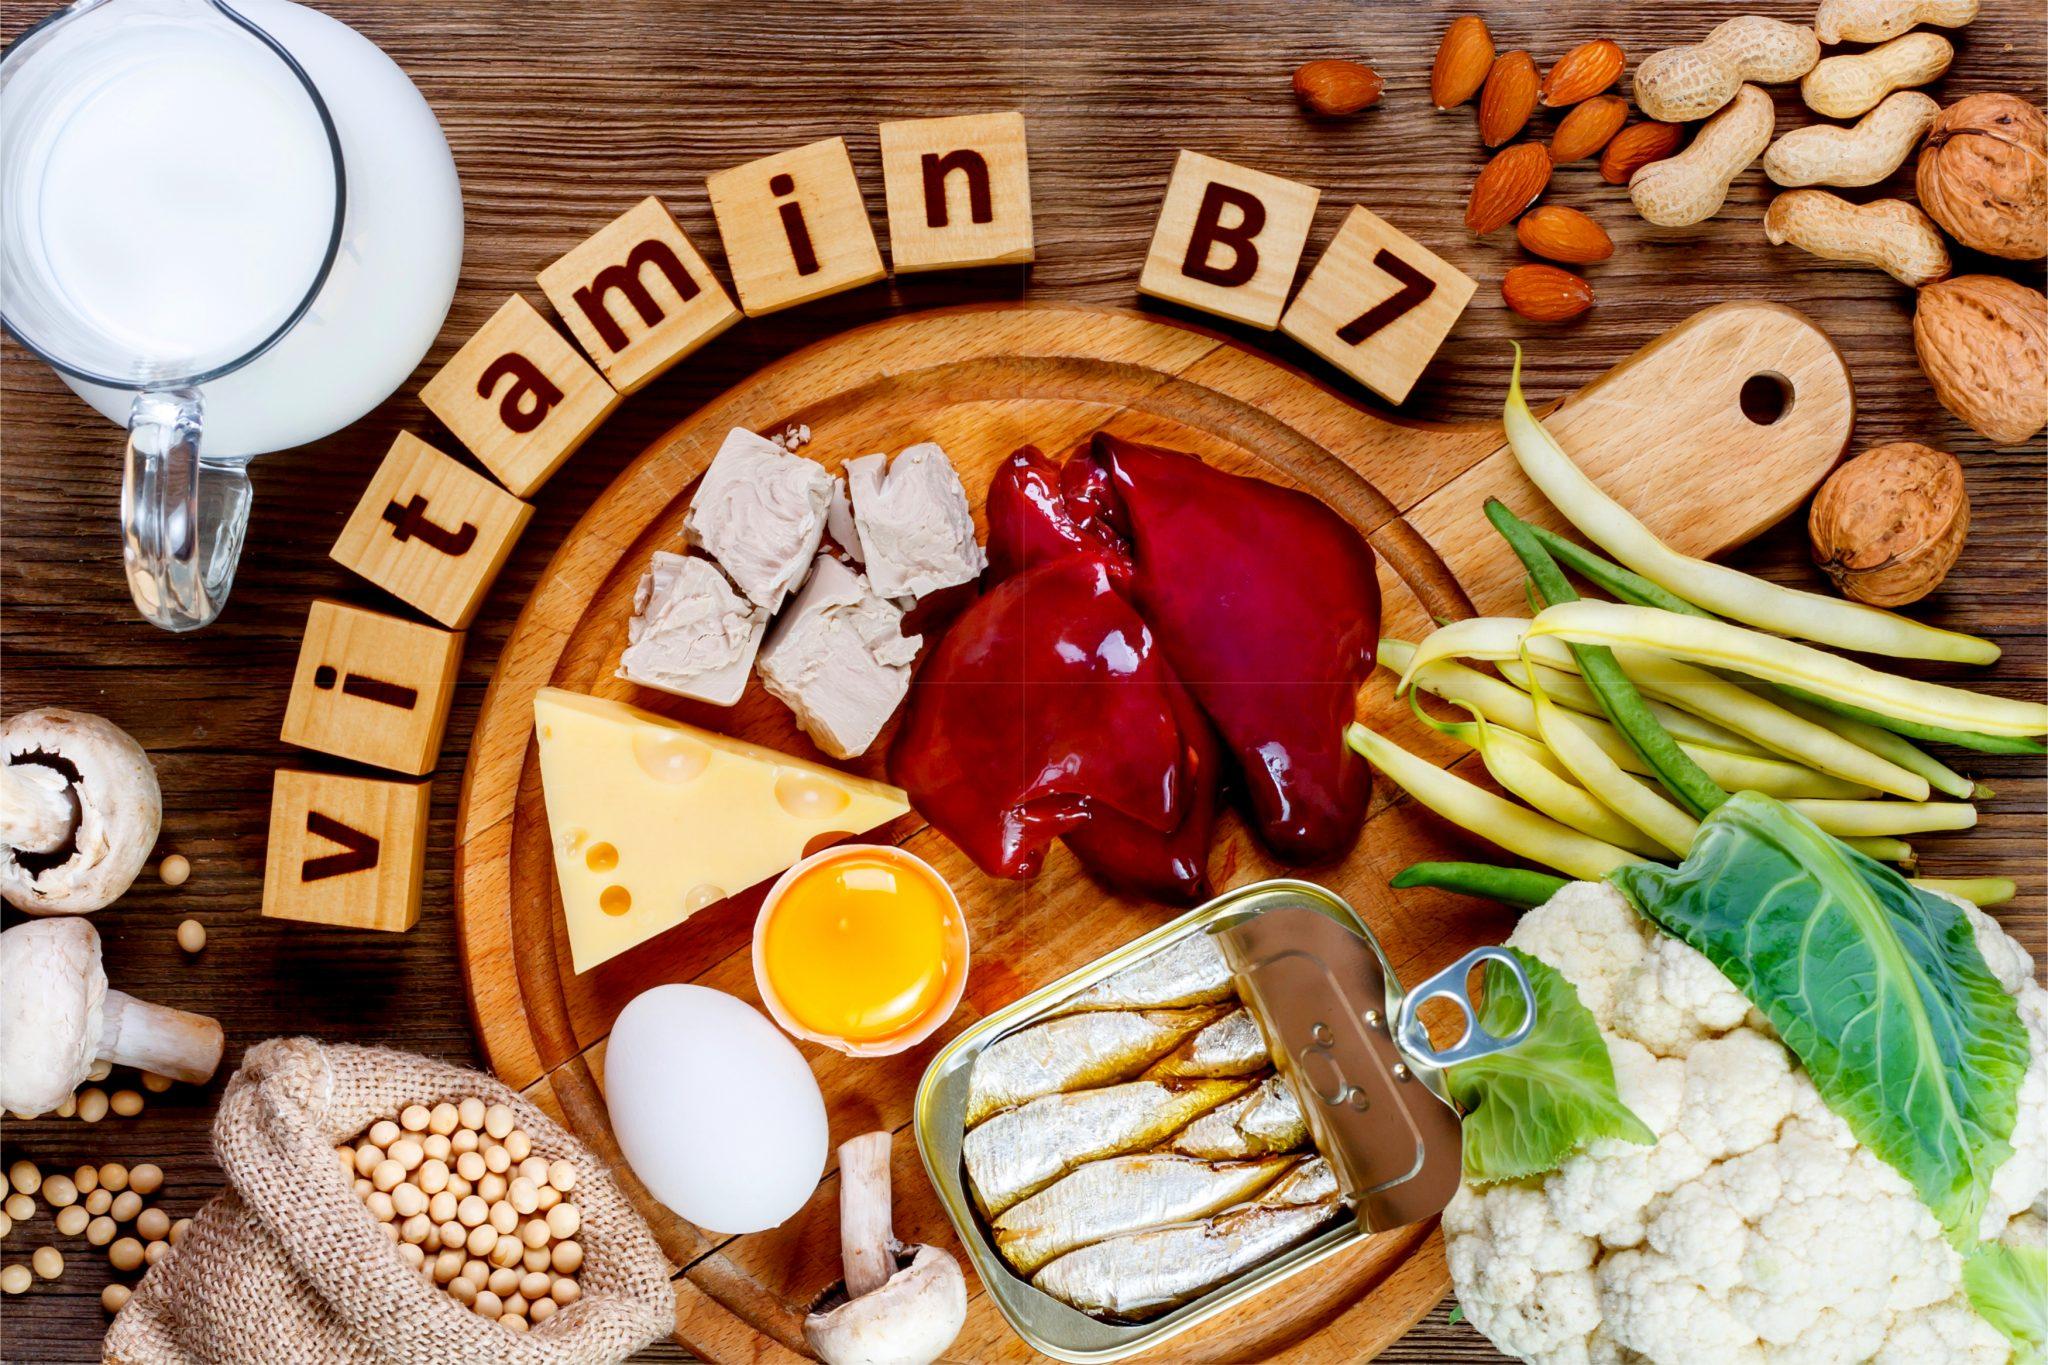 ビタミンB7を多く含む食品一覧